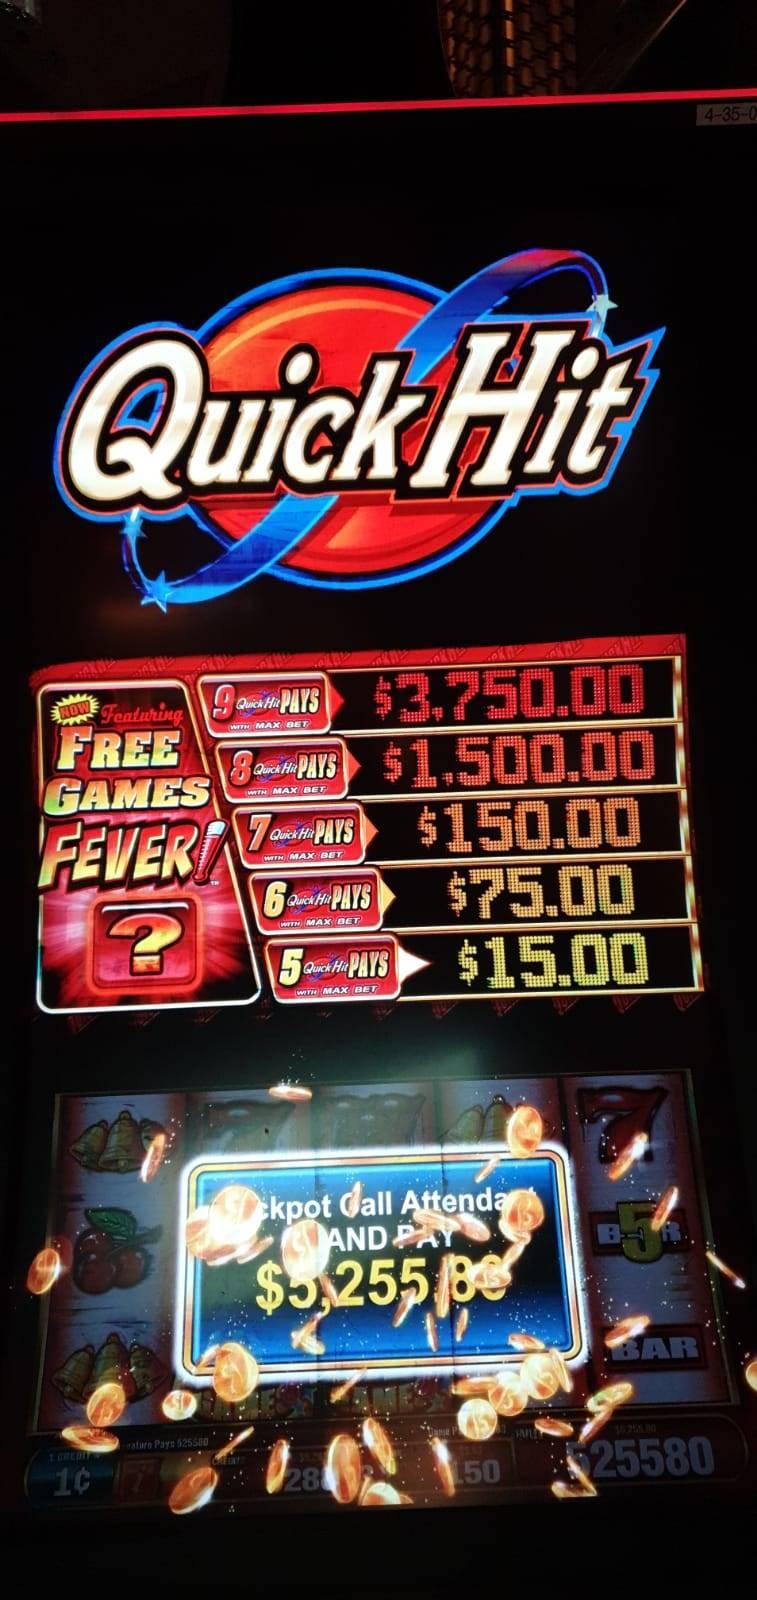 9 Quick Hits Jackpot gewonnen